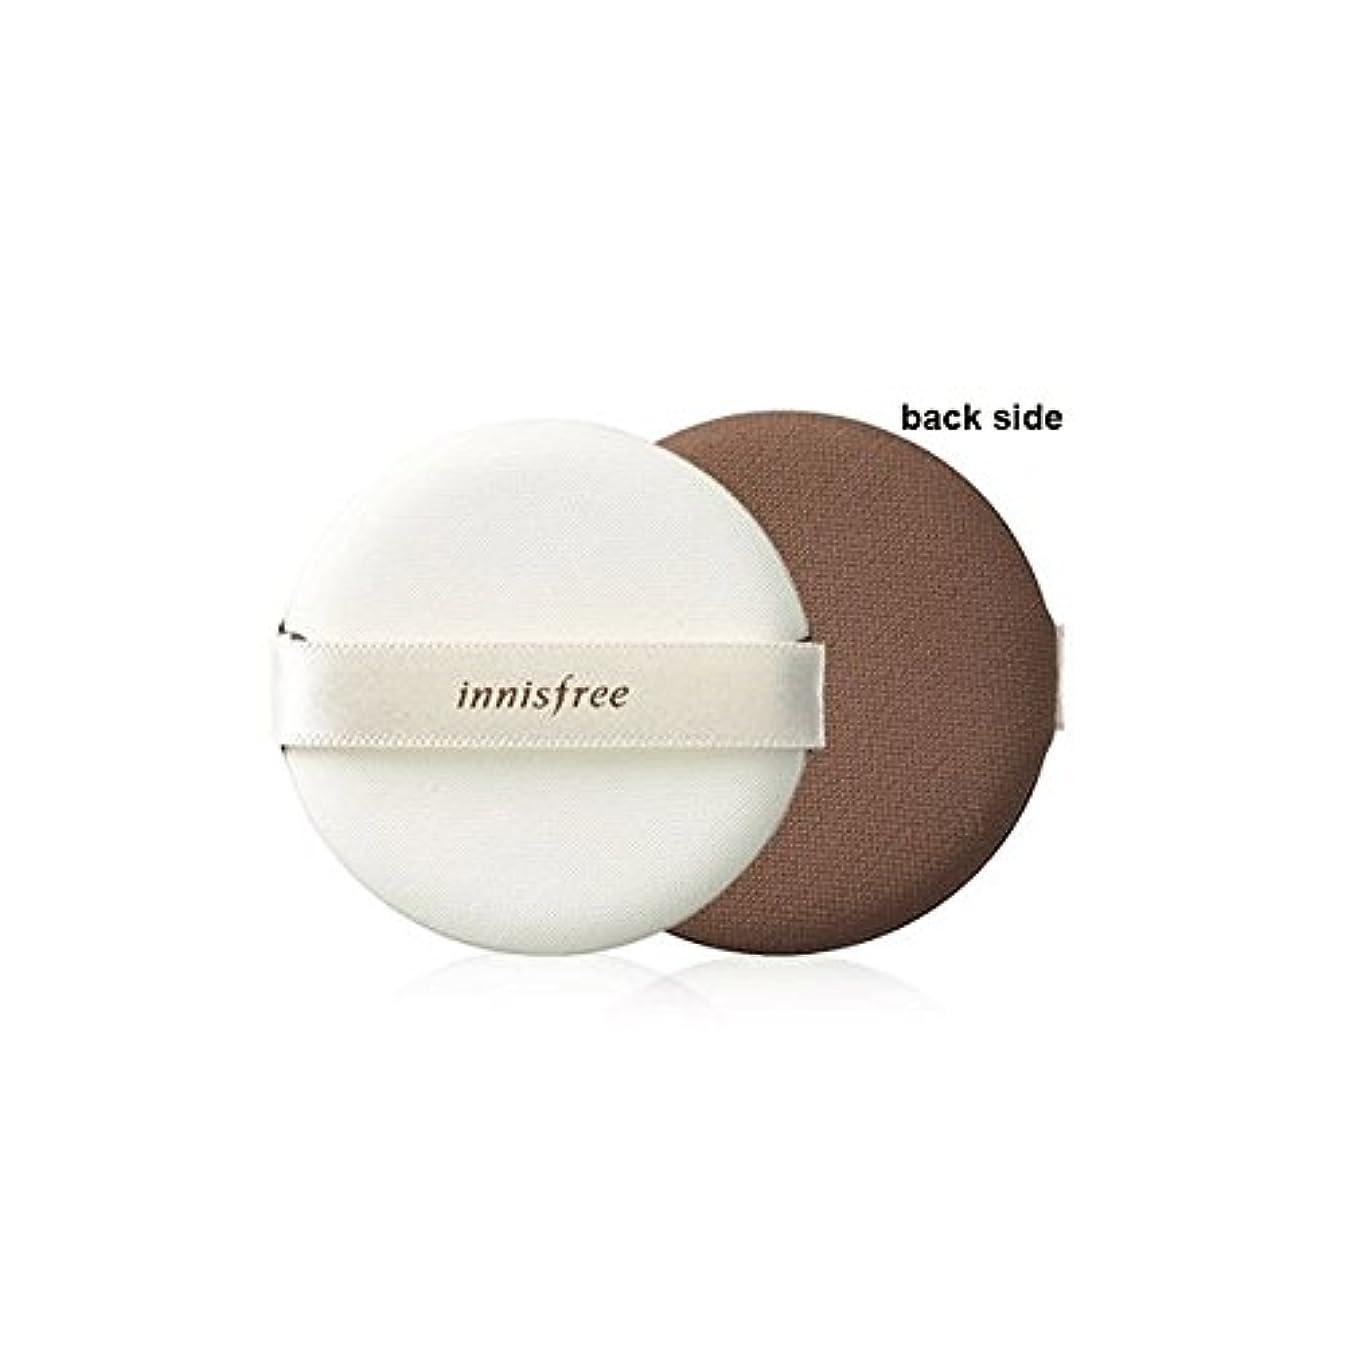 ベスト独特の学部長[イニスプリー] Innisfree エアマジックパフ-密着 [Innisfree] Eco Beauty Tool Air Magic Puff-Fitting [海外直送品]